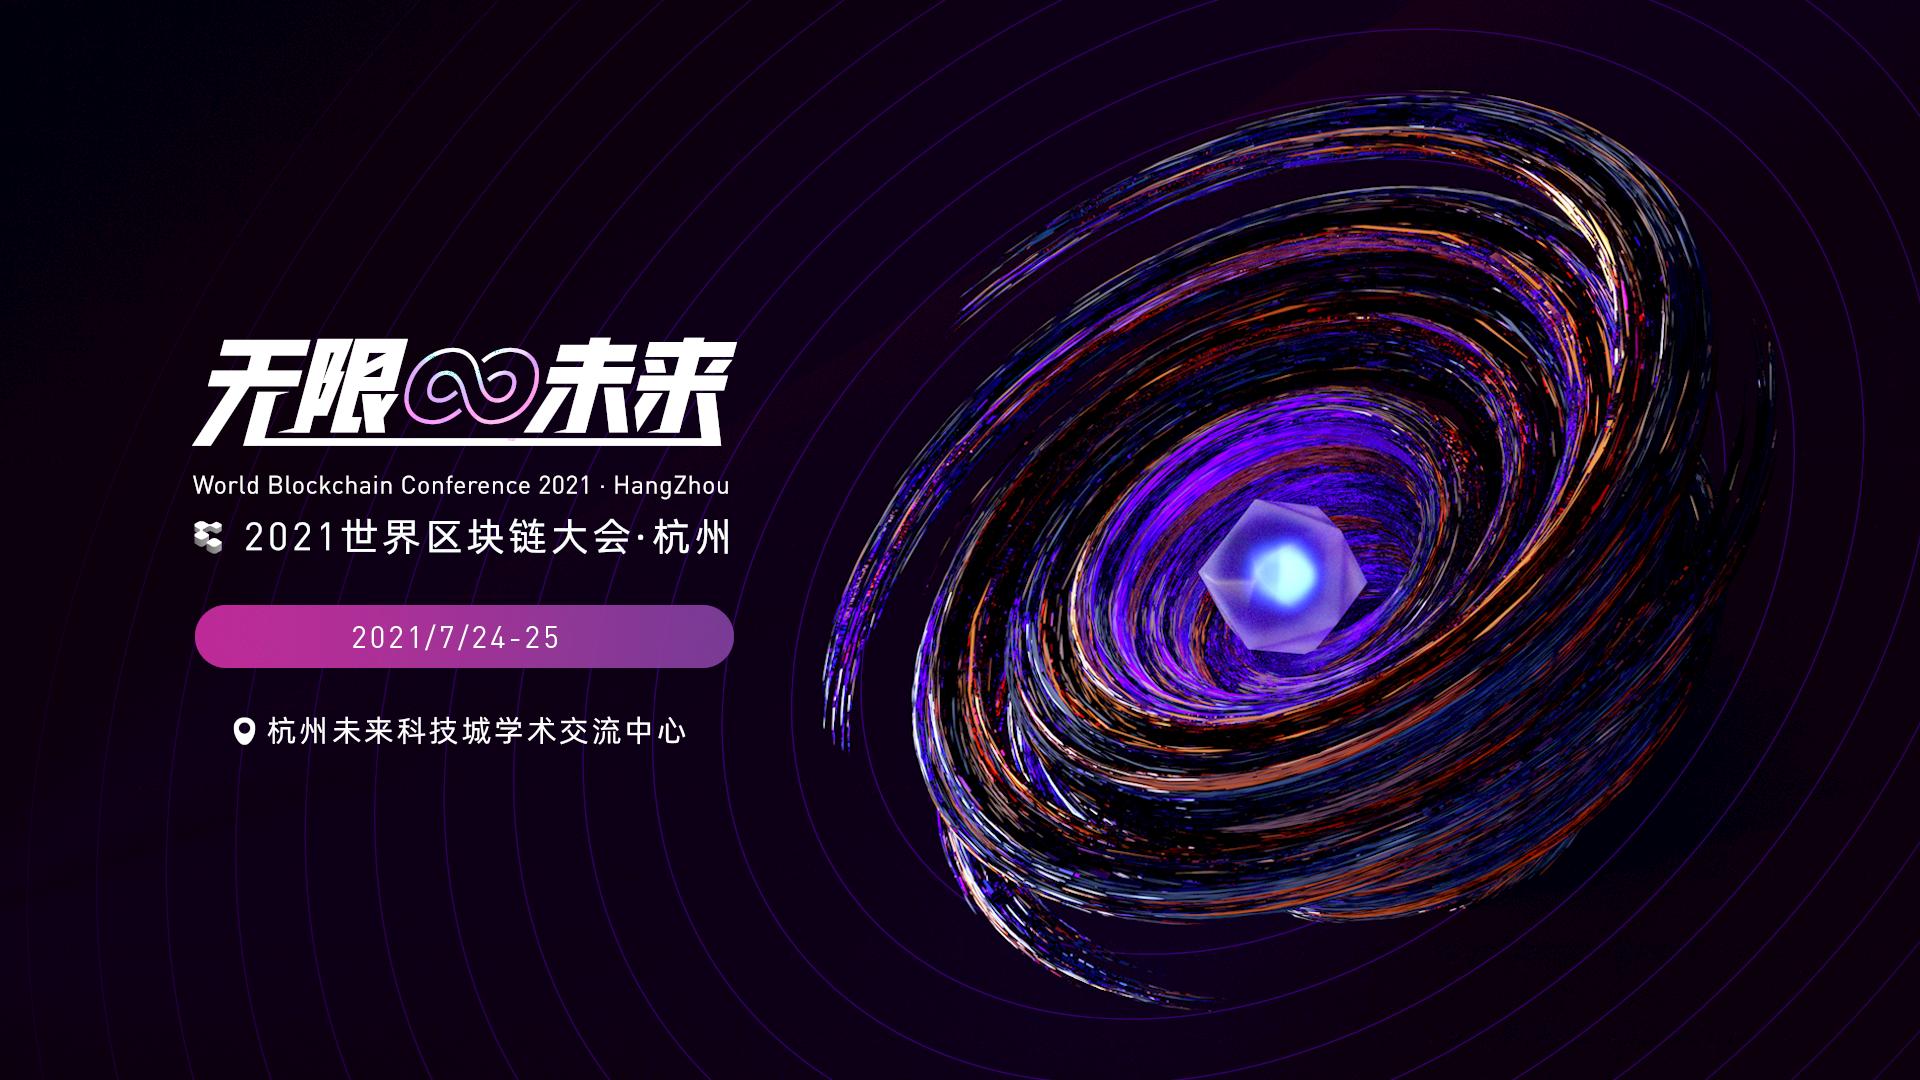 无限未来,不负期待,2021世界区块链大会·杭州正式启动!